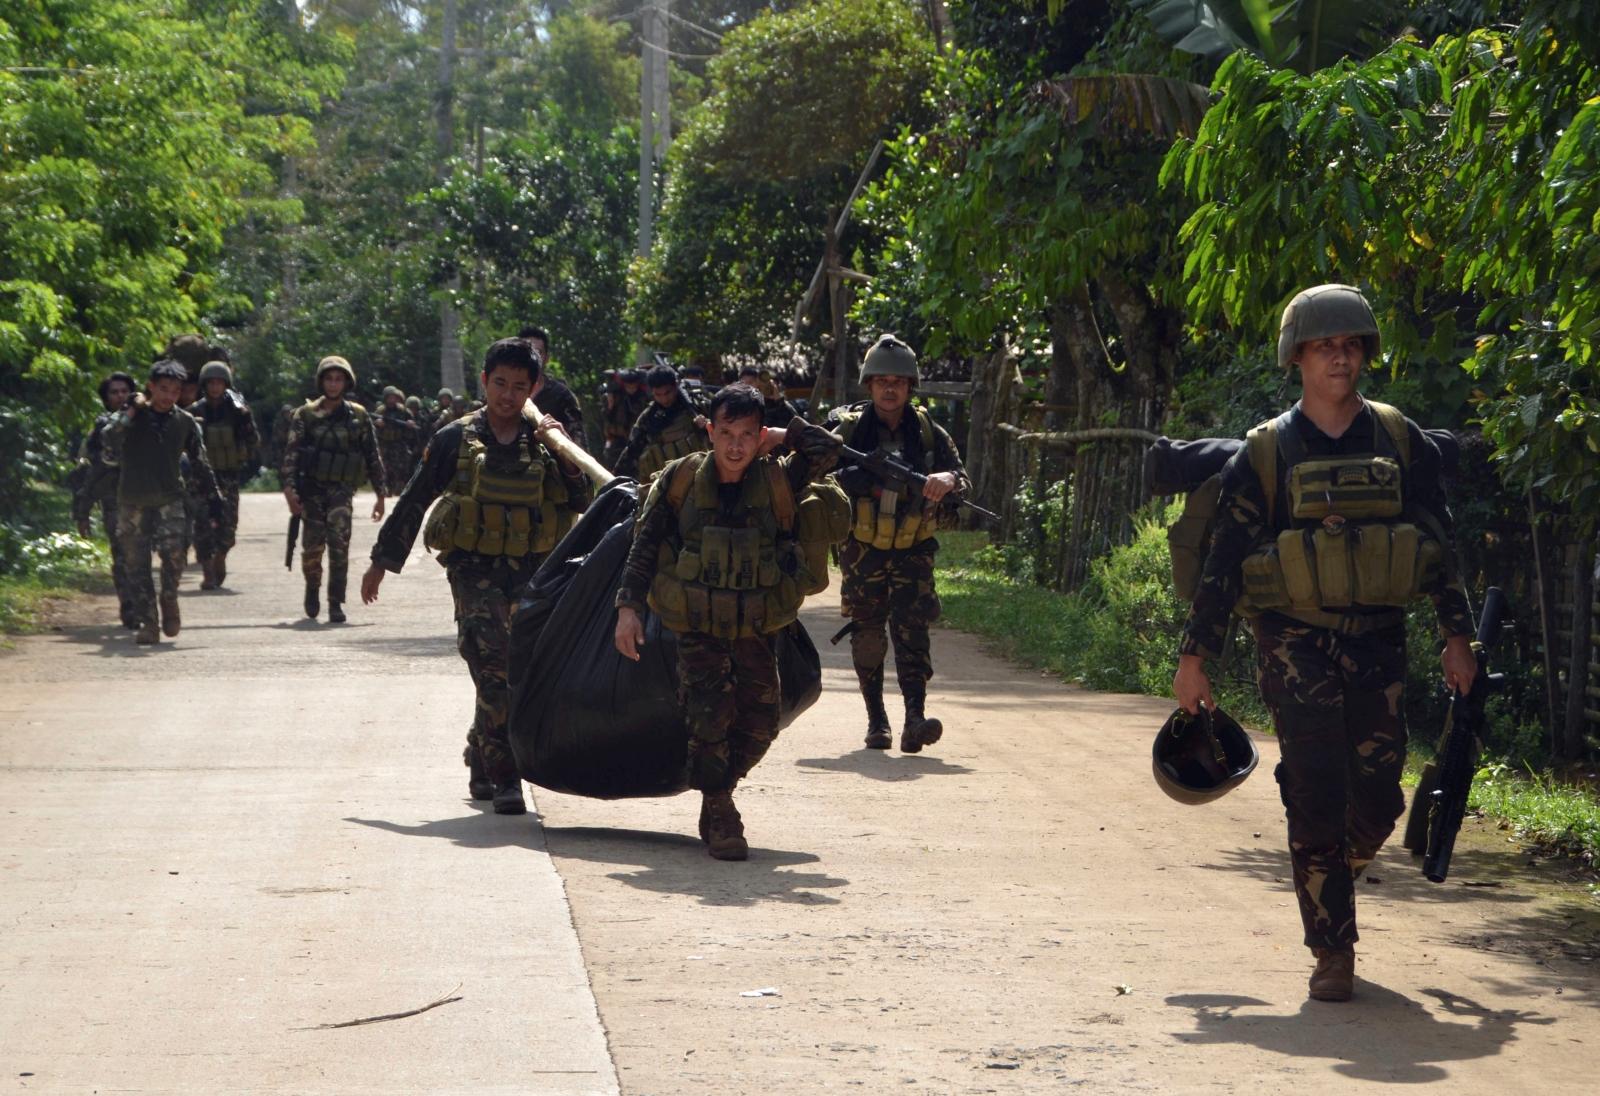 Philippines army abu sayyaf clashes